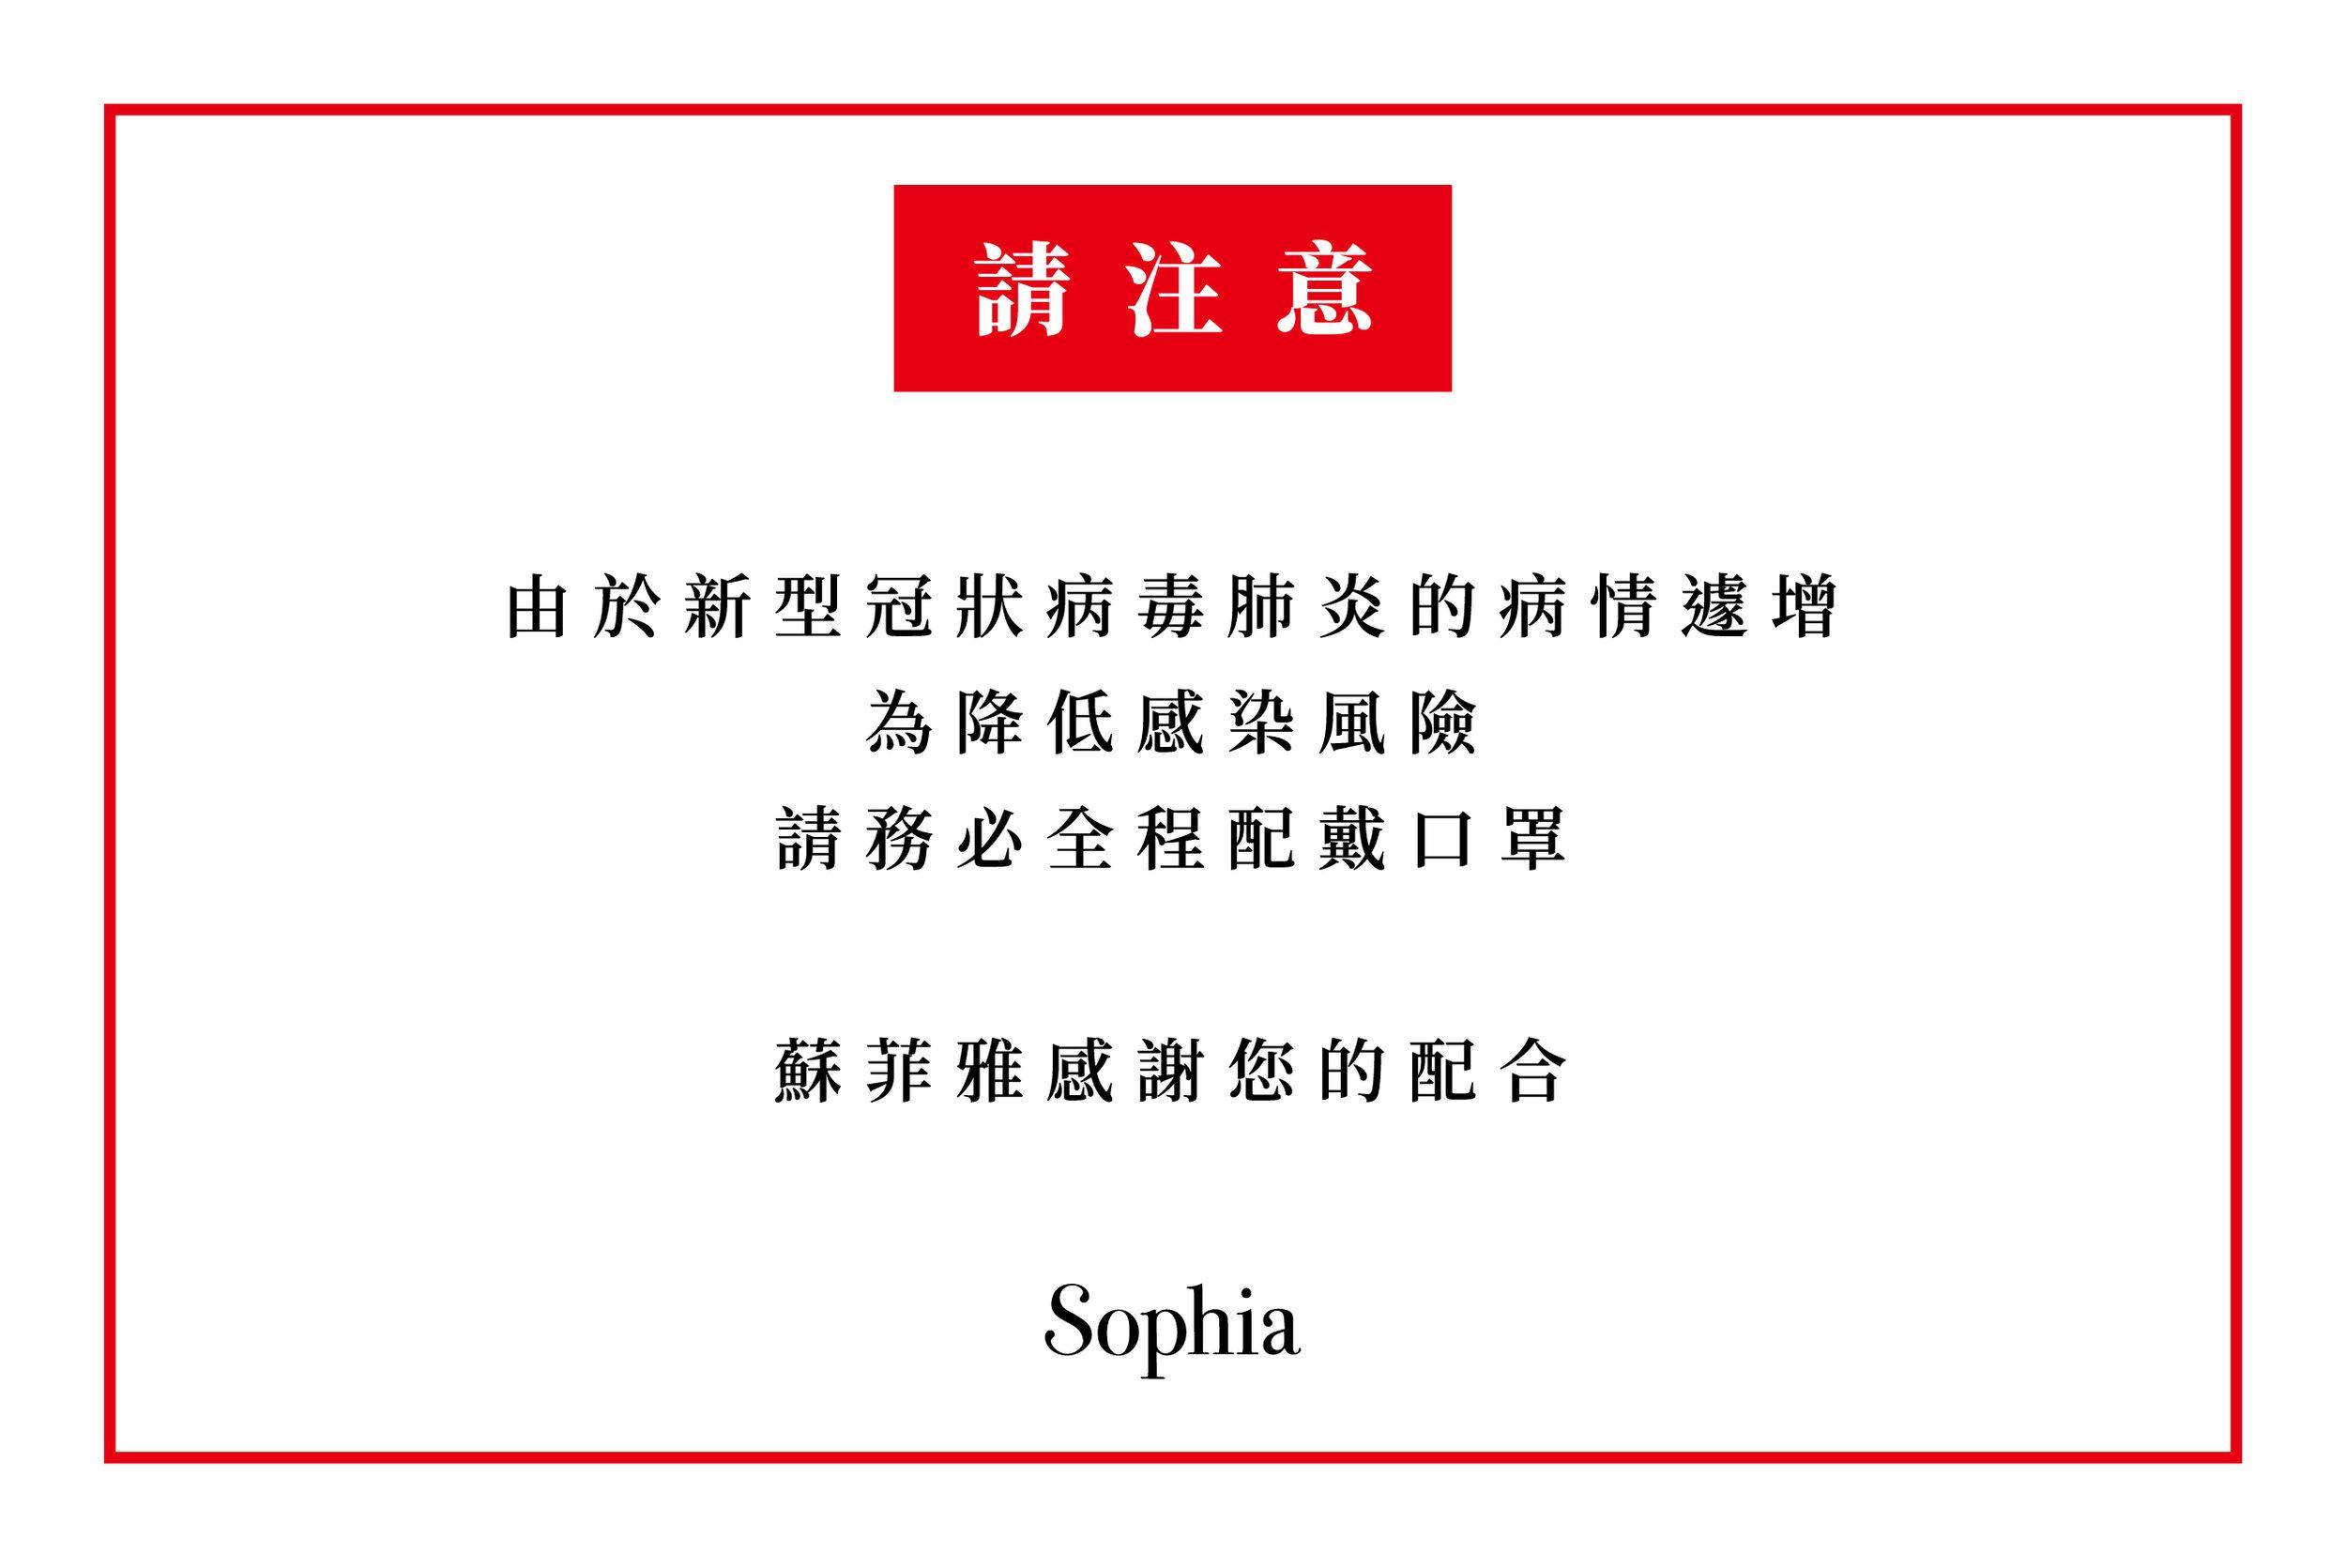 一起守護大家的安全 —News |最新消息 臺北婚紗最好的選擇: 蘇菲雅婚紗攝影 Sophia Wedding Studio- 穿上手工婚紗 ...